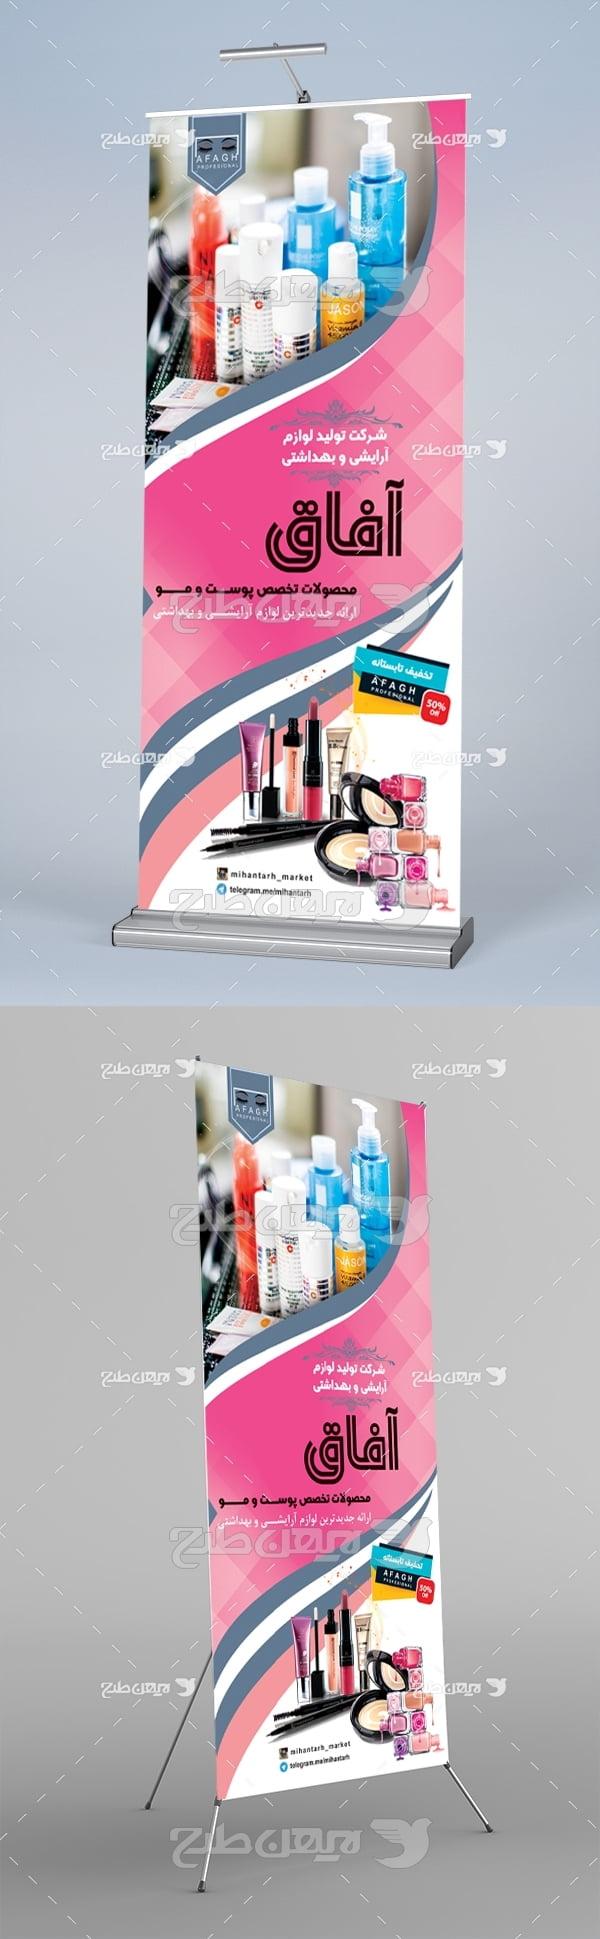 طرح لایه باز استند شرکت تولید لوازم آرایشی و بهداشتی آفاق